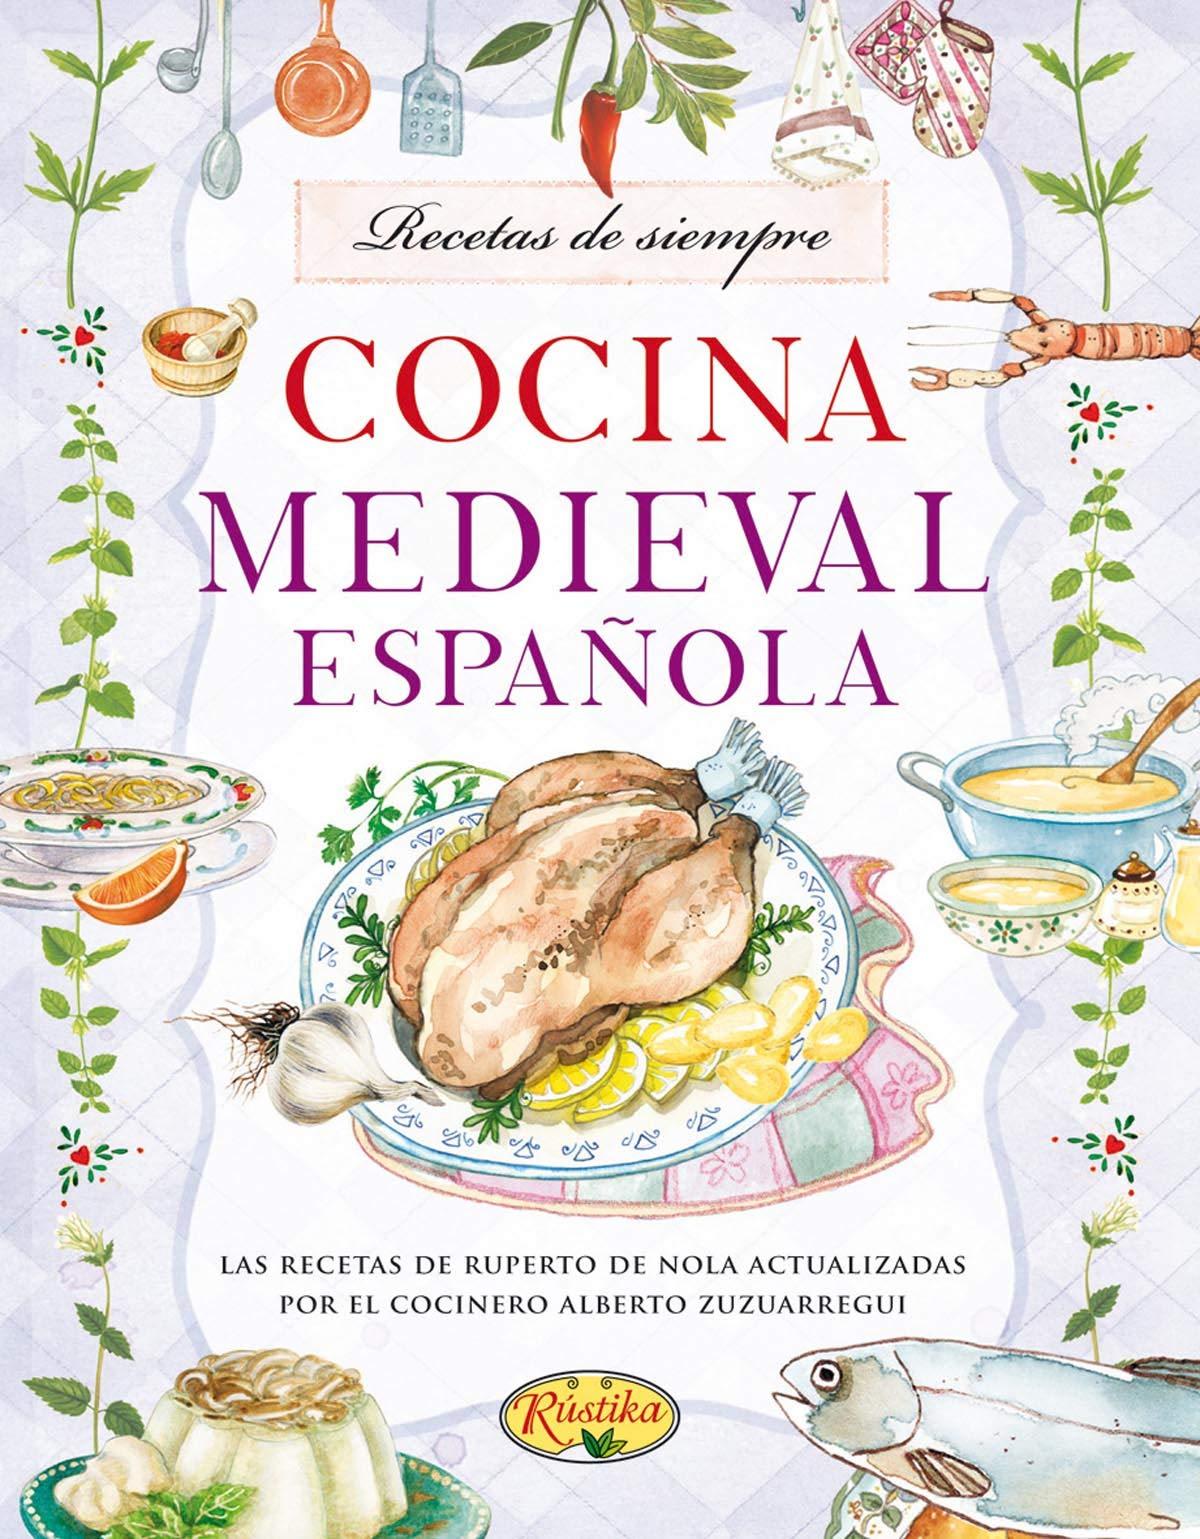 Cocina medieval española: Amazon.es: Rústika: Libros